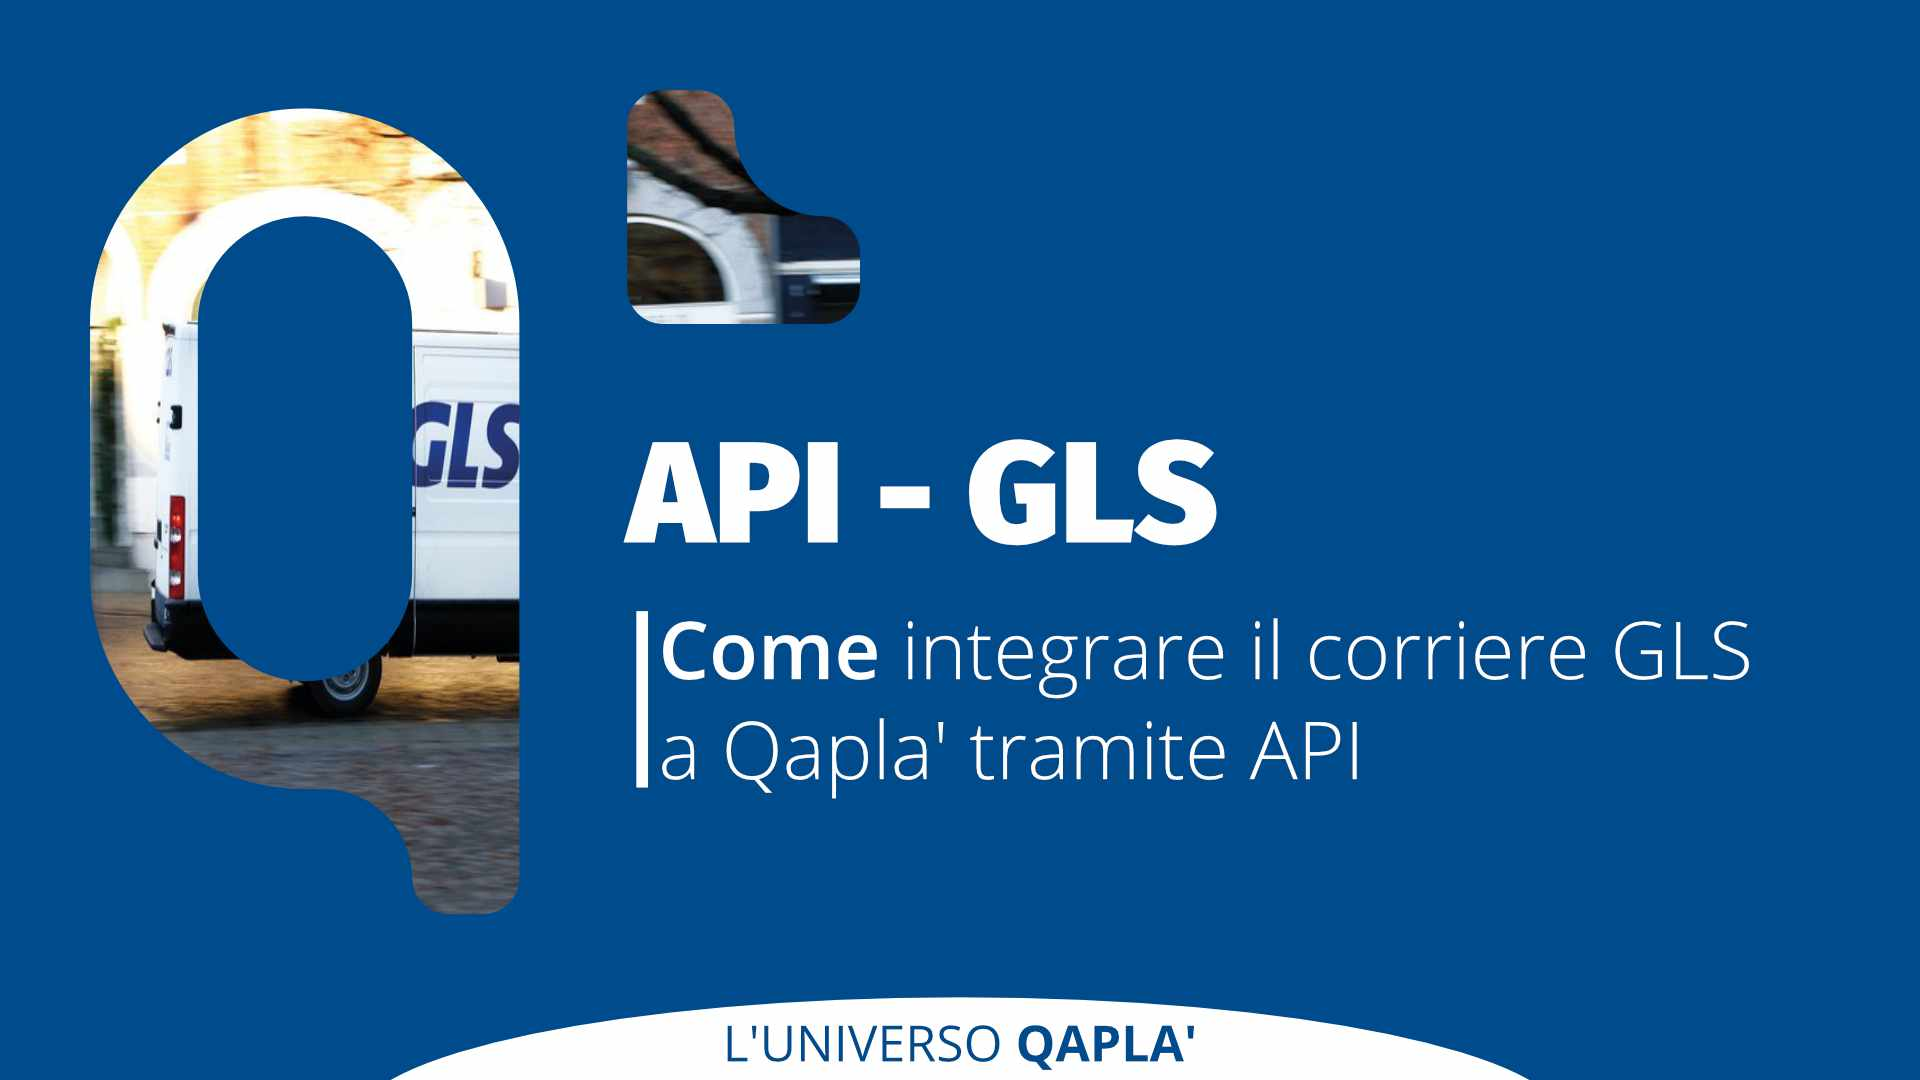 API GLS